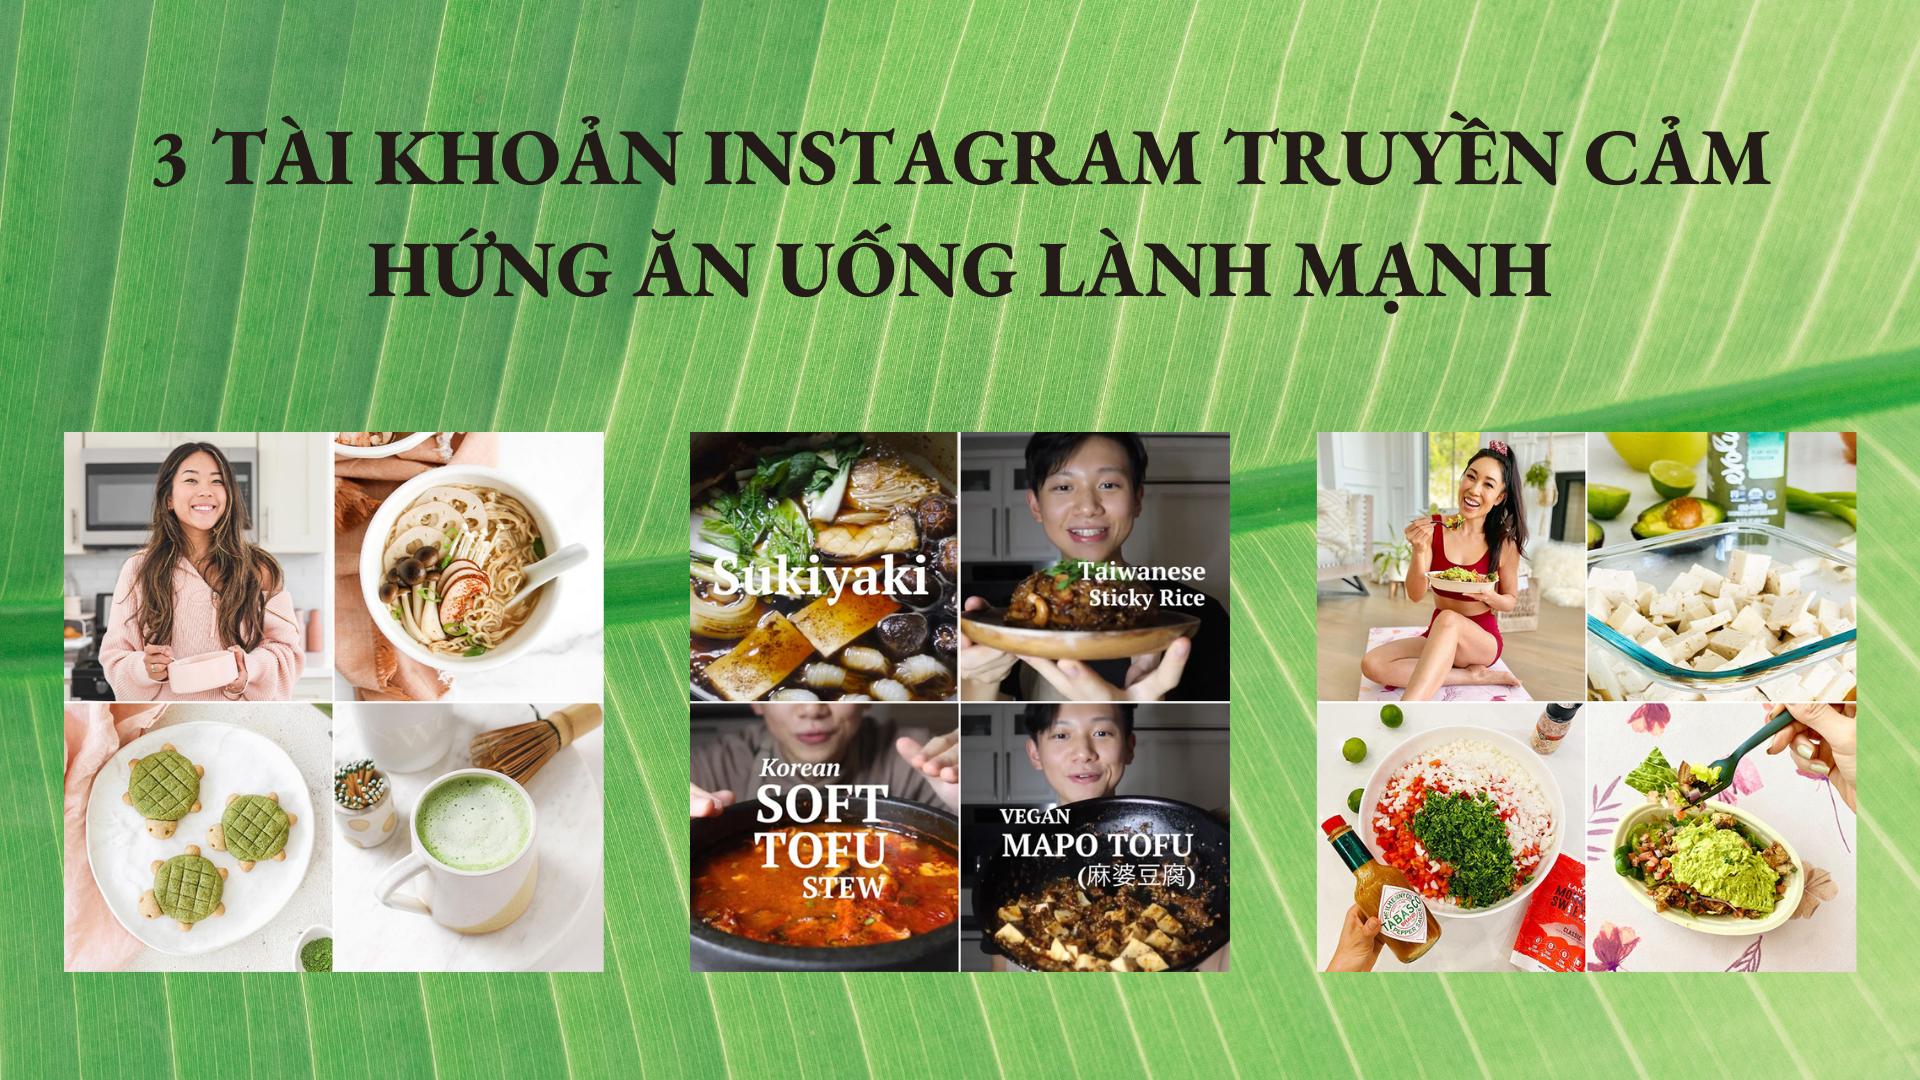 3 tài khoản Instagram truyền cảm hứng ăn uống lành mạnh khiến bạn lập tức muốn